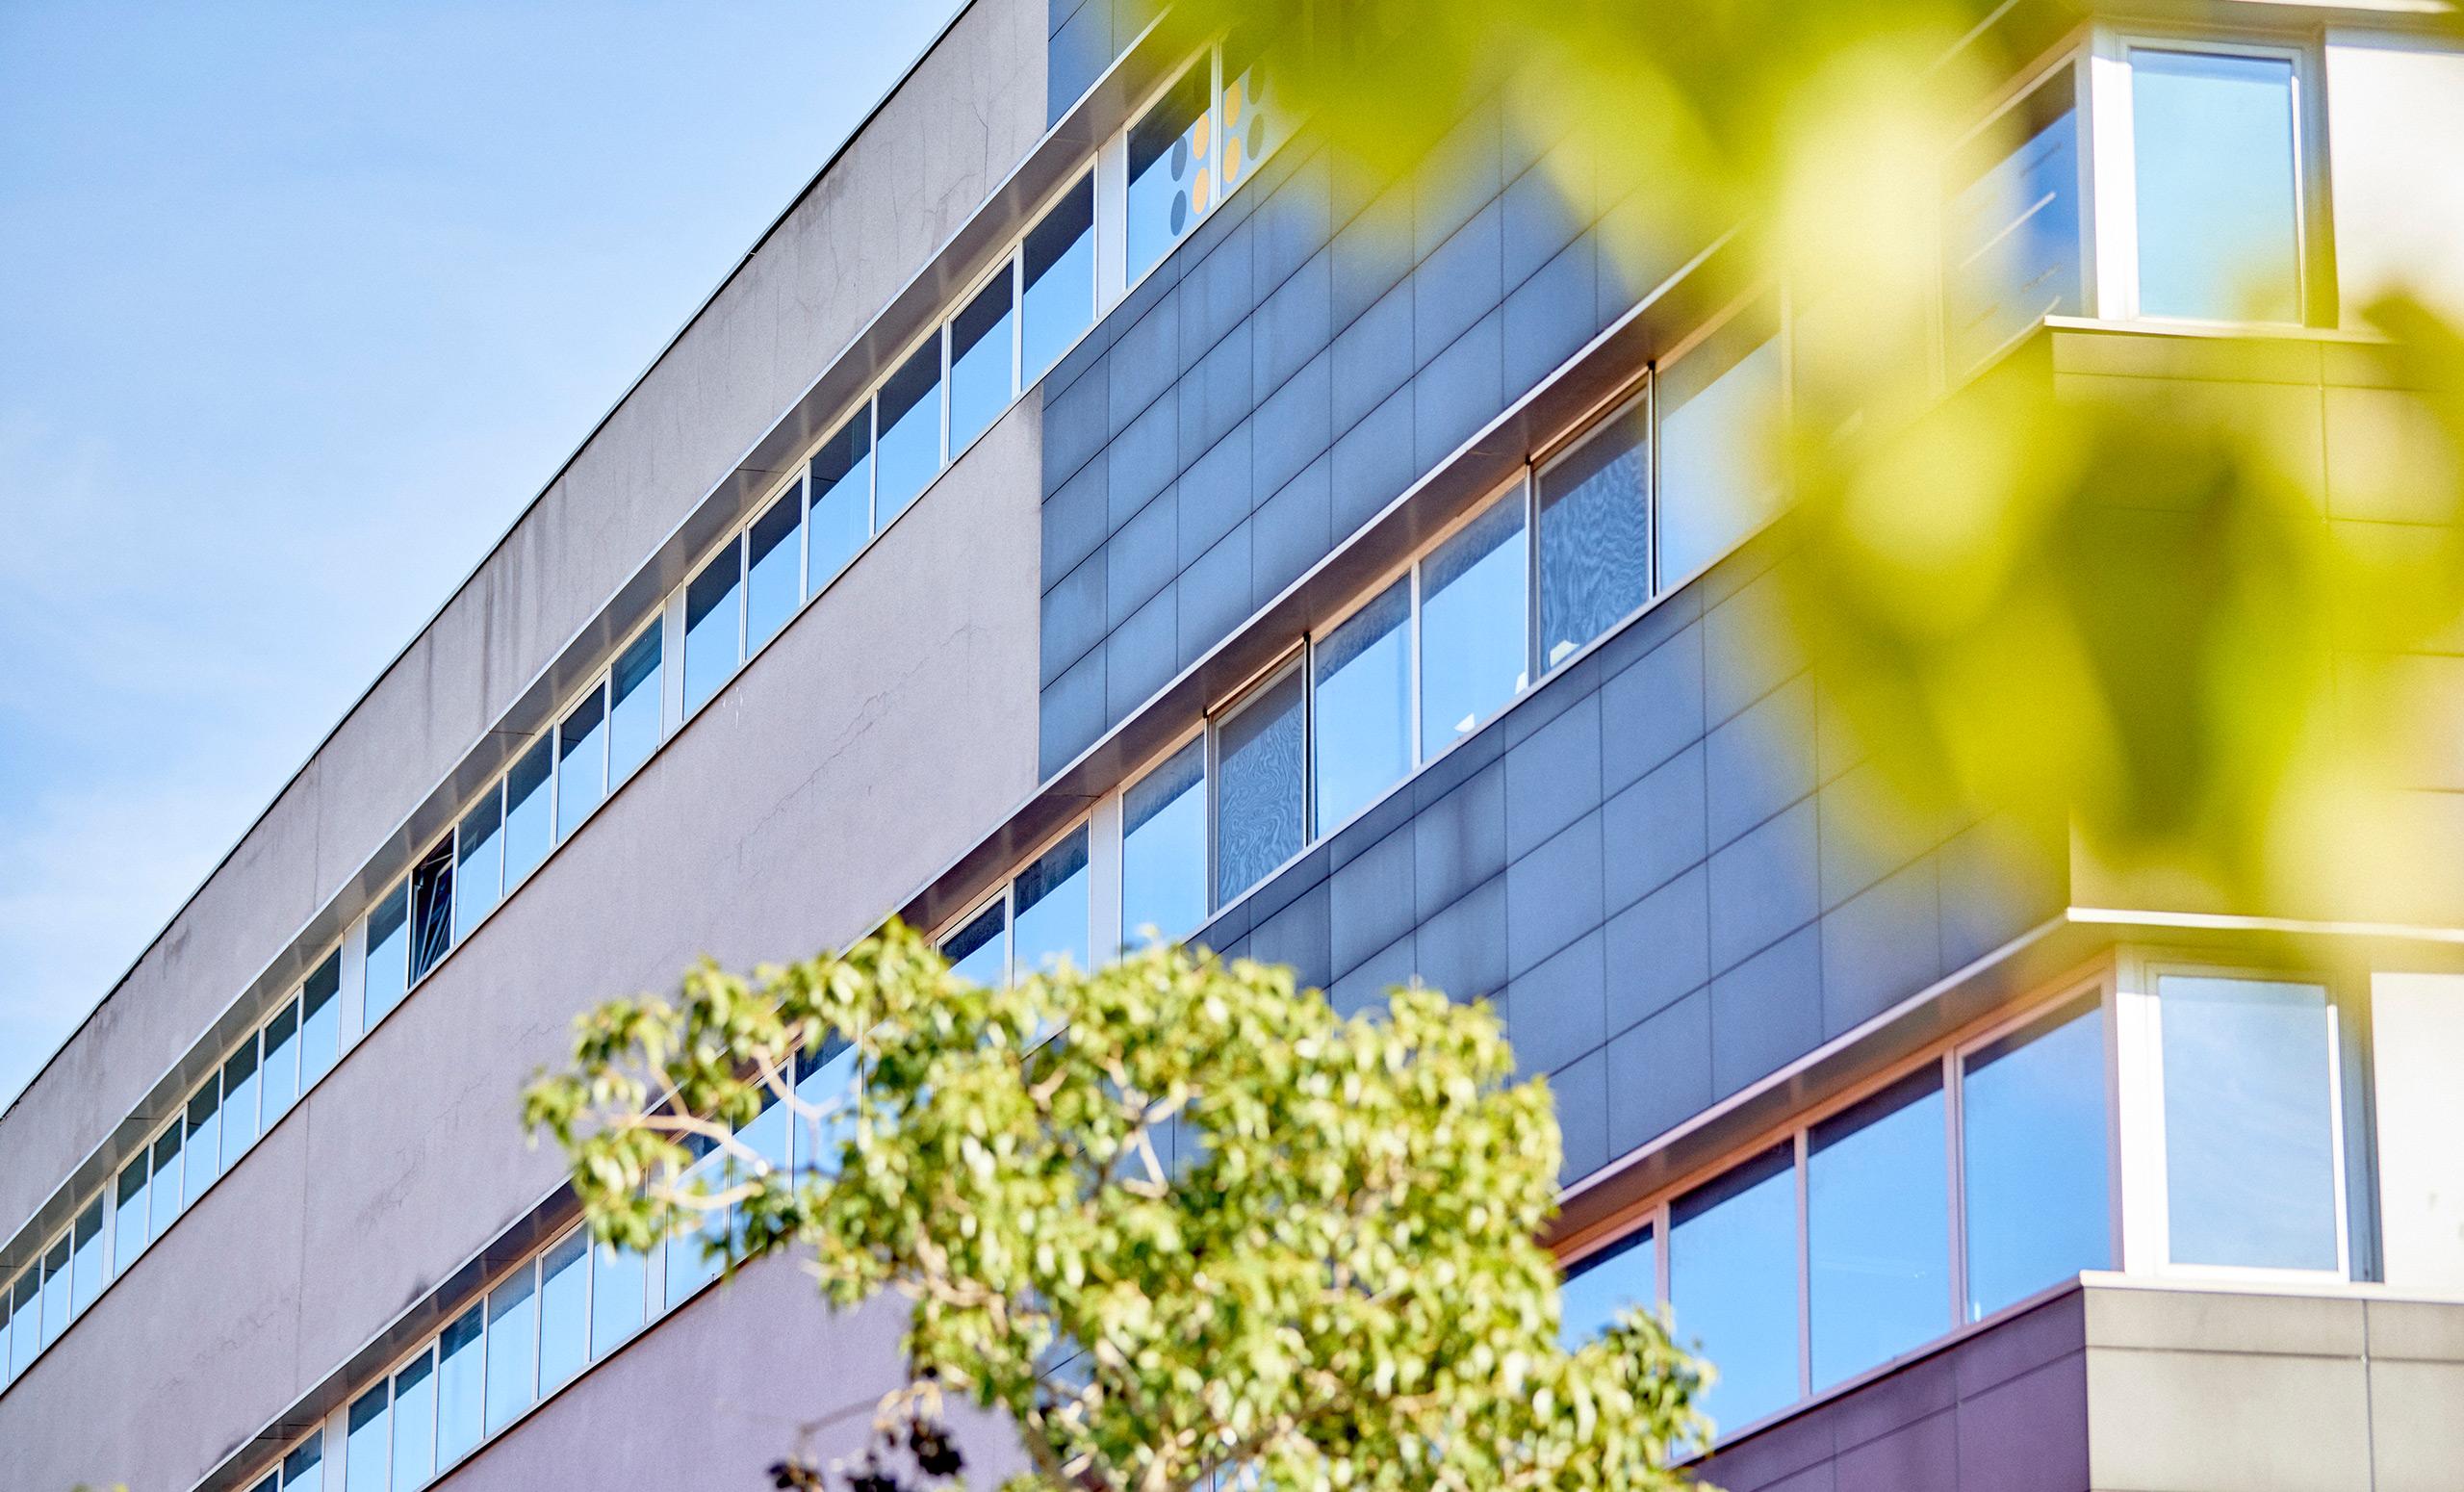 Oficinas de Laksmi Services Servicios Inmobiliarios integrales en Palma de Mallorca